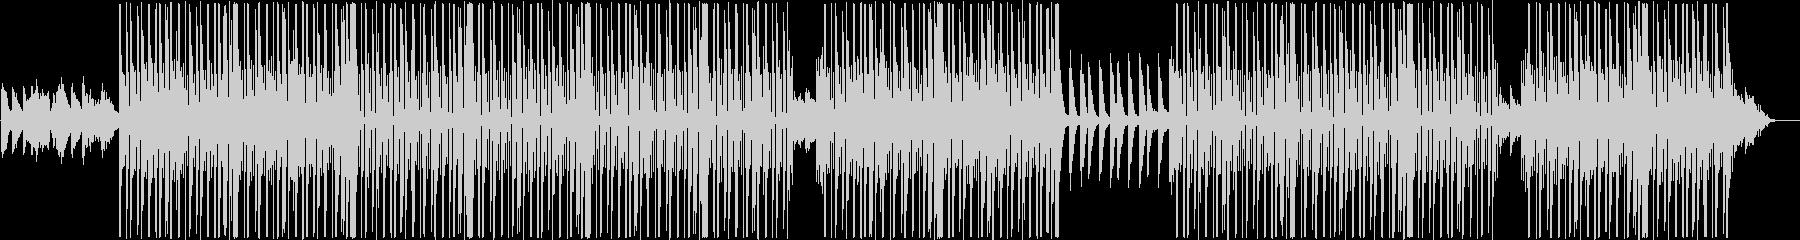 ローファイ、トラップ、チルアウトR&B♪の未再生の波形